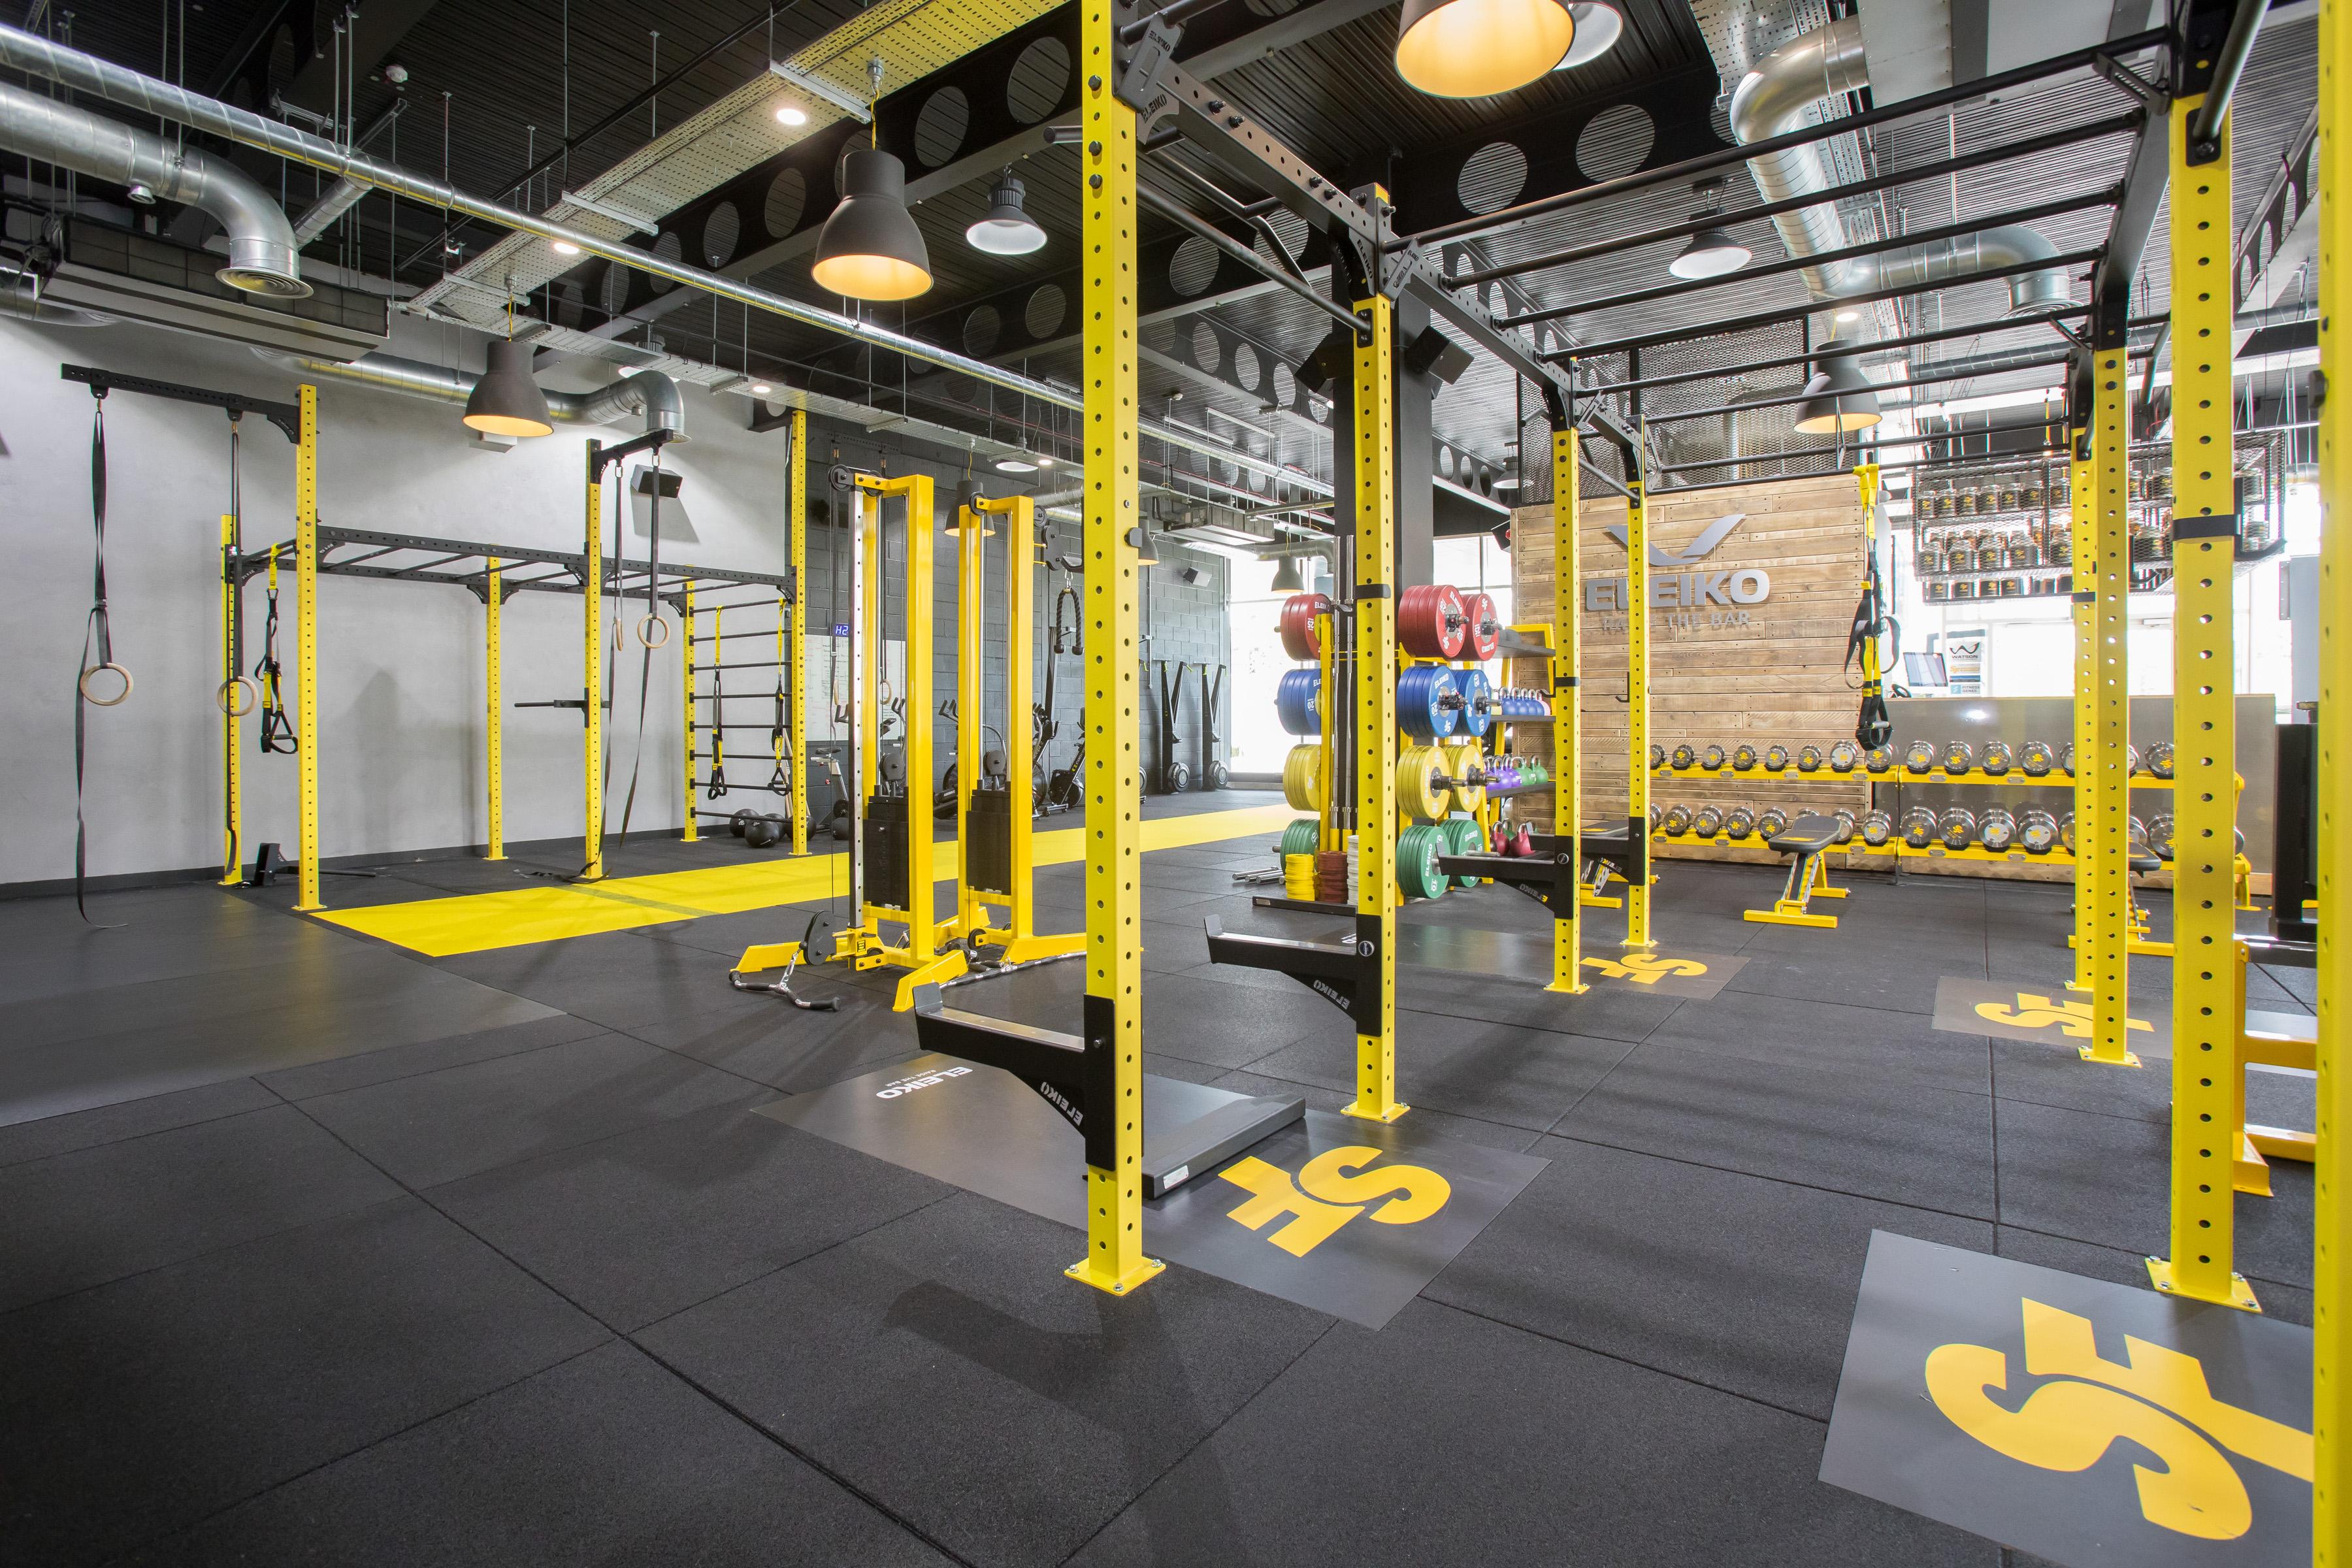 starks-fitness-gym